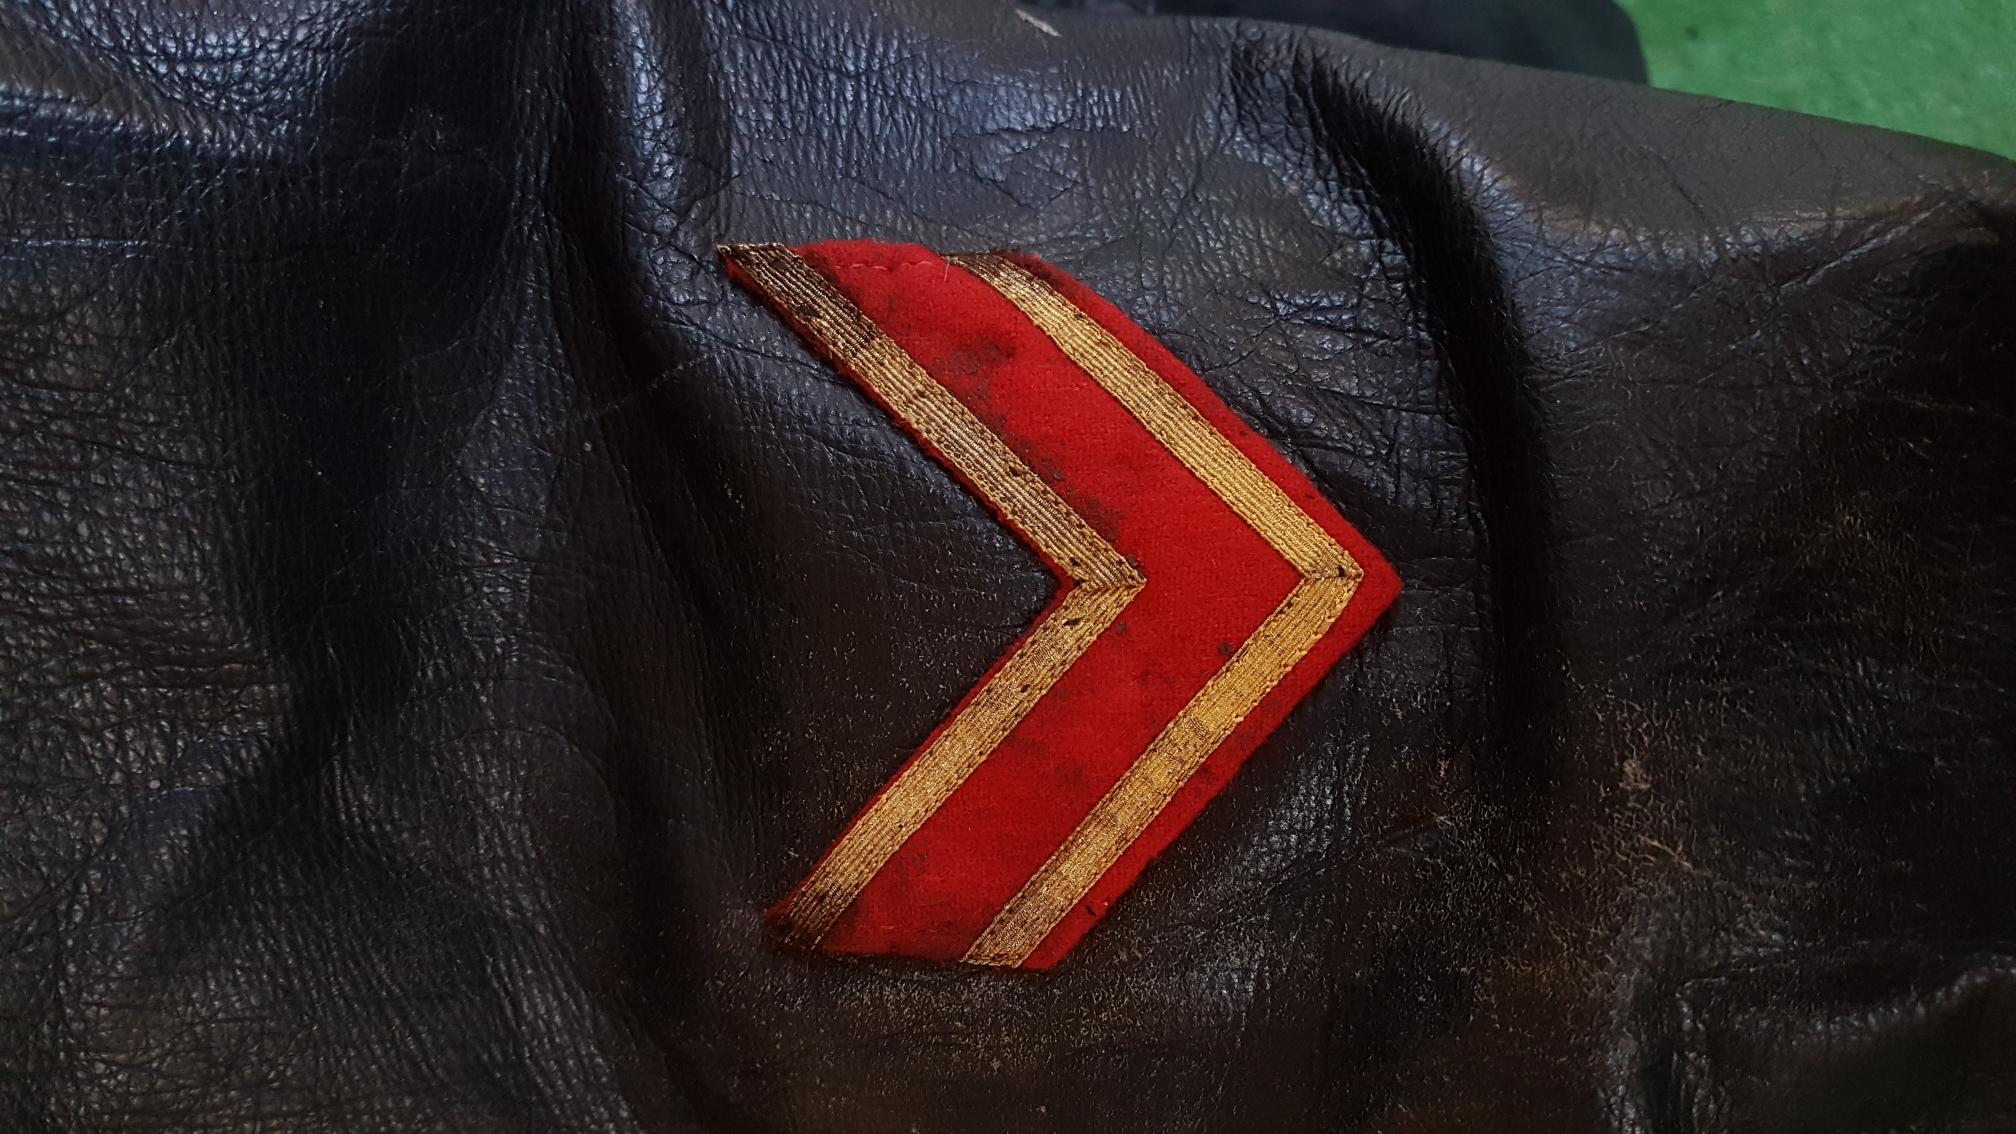 Authentification d'insigne de manche et de pattes de cols d'un tankiste russe 9e06be3bac22616d